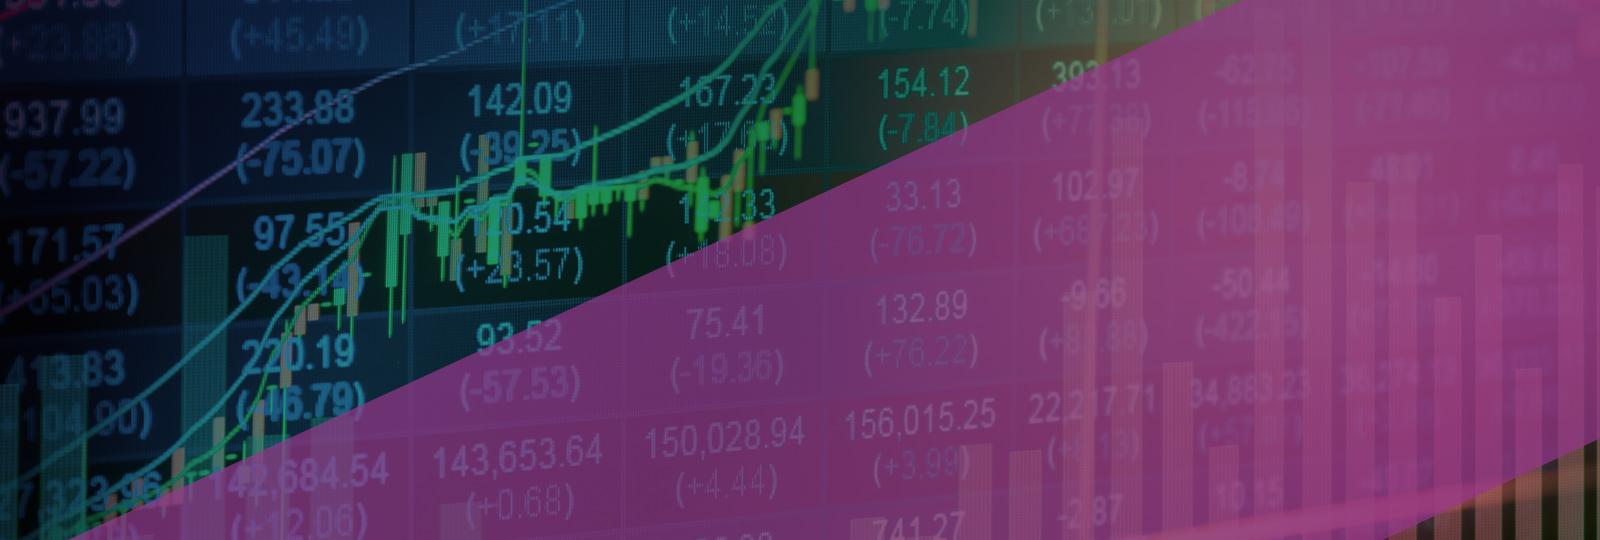 live exchange rates